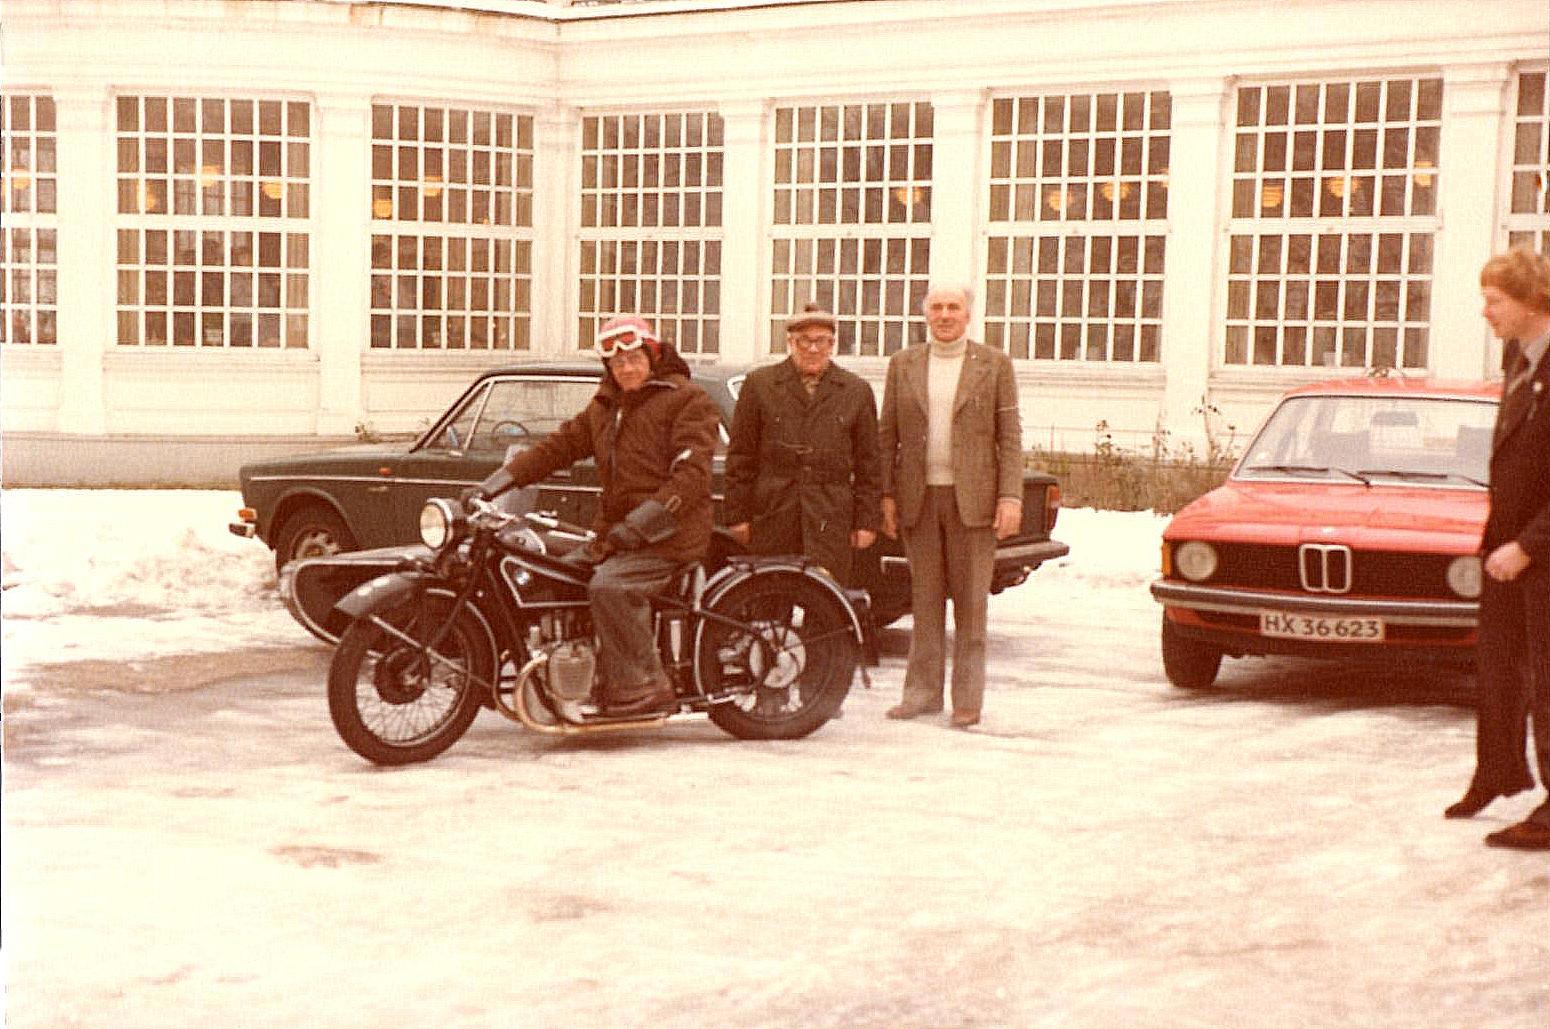 Trods snevejr og kulde valgte Henning Pedersen at ankomme på sin BMW 1928 med Henry Jørgensen (Murerras) i sidevognen. Knud Nielsen til højre havde valgt en BMW med tag over.